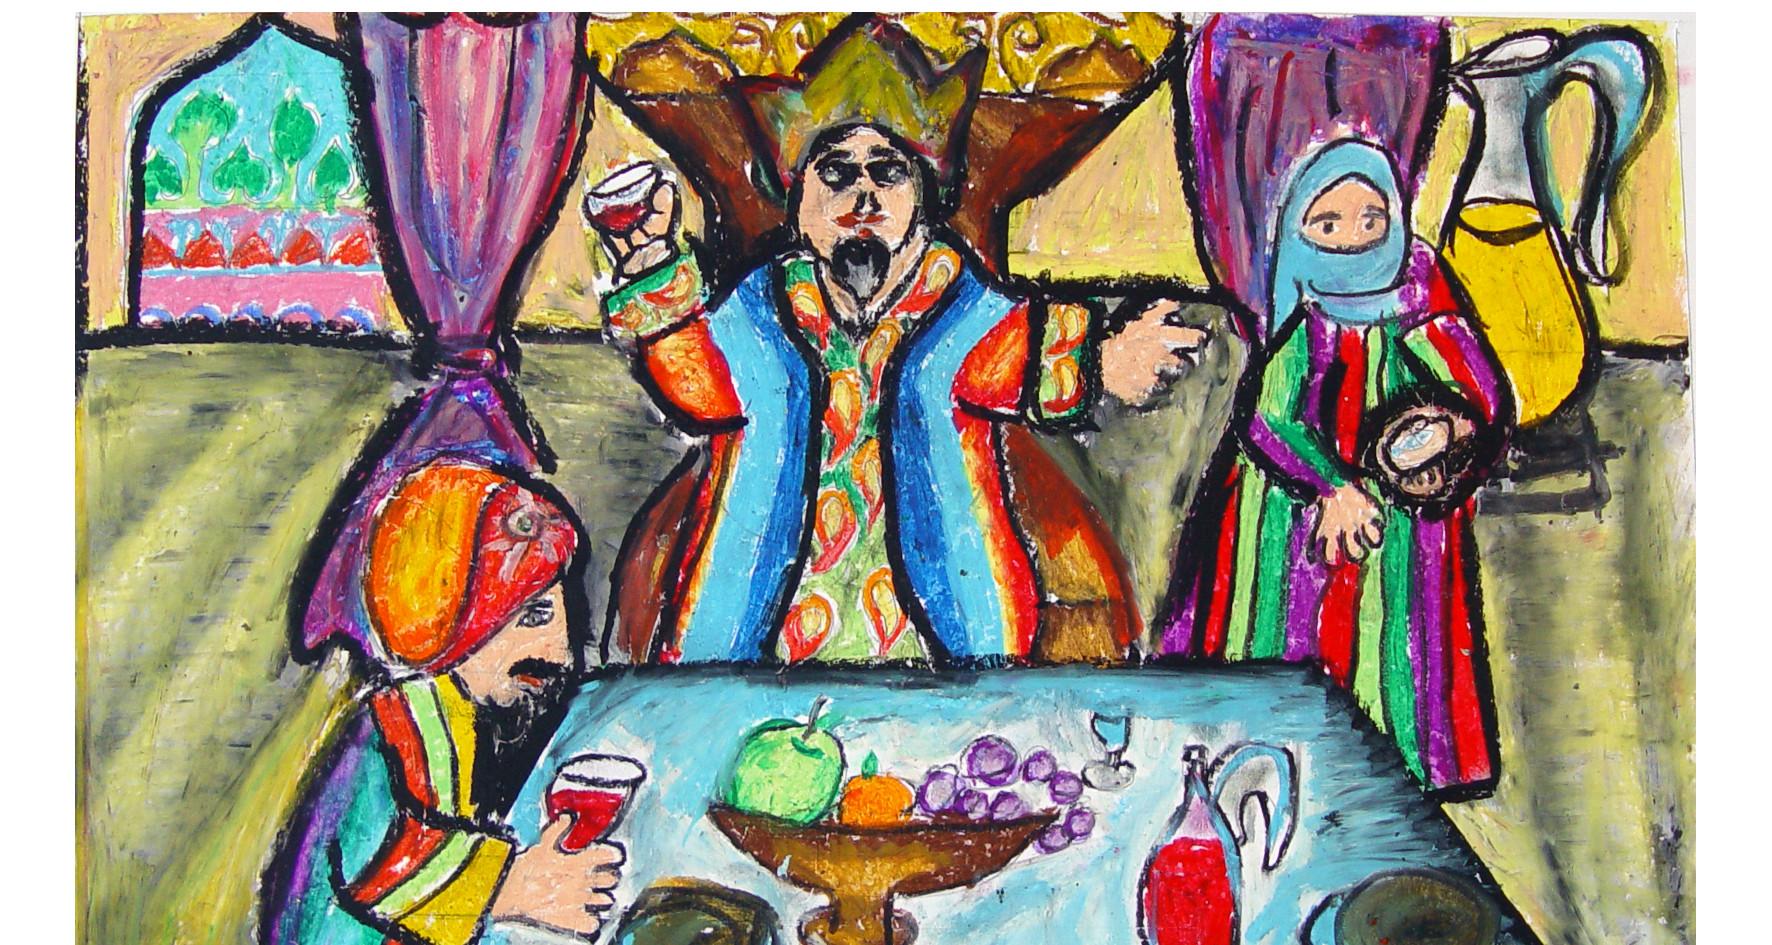 Achasuerus' Feast